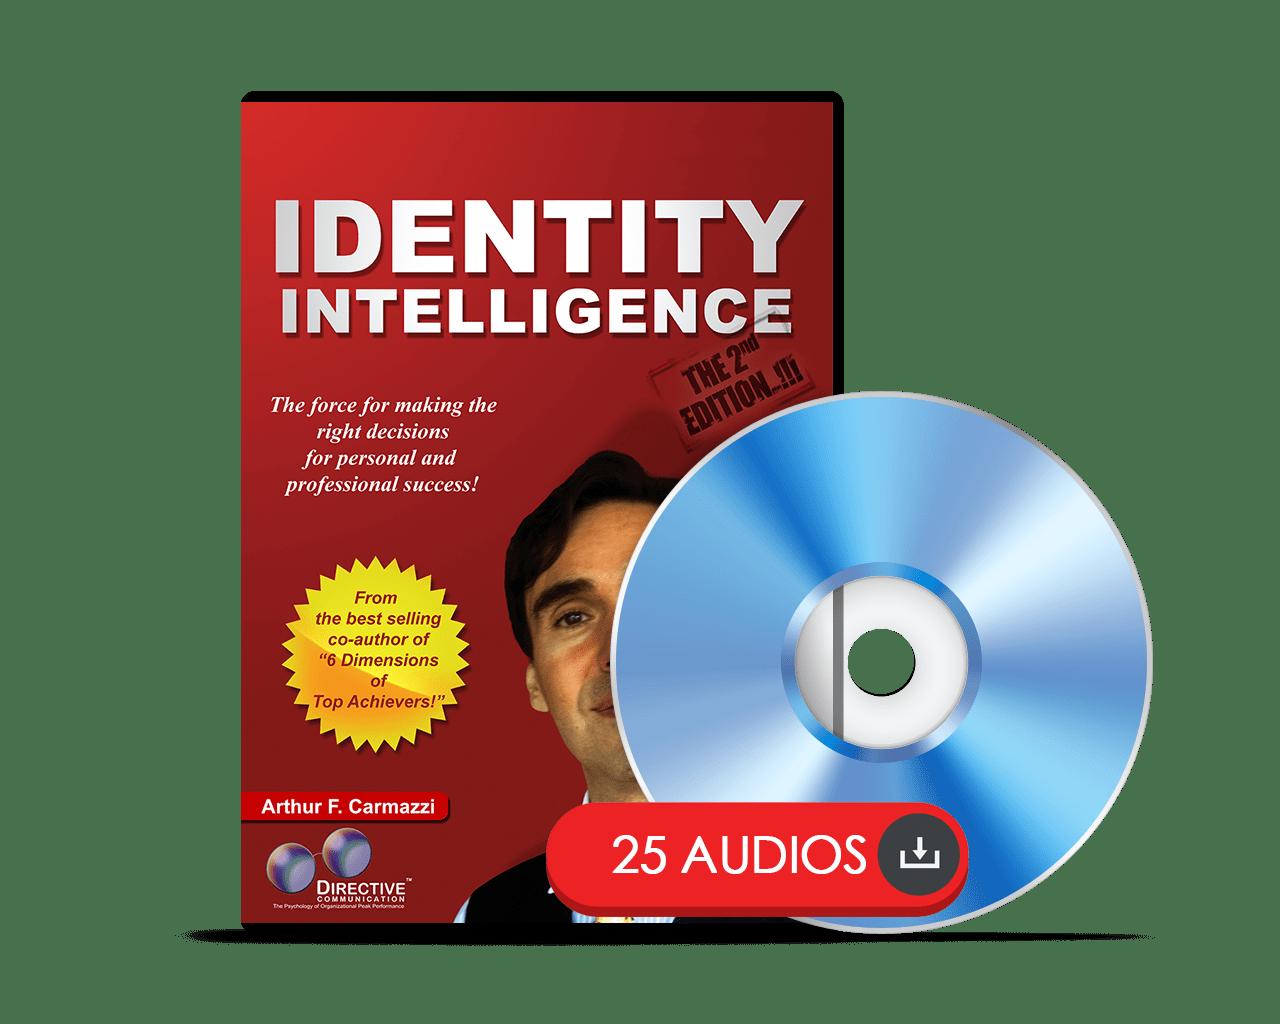 identity audios